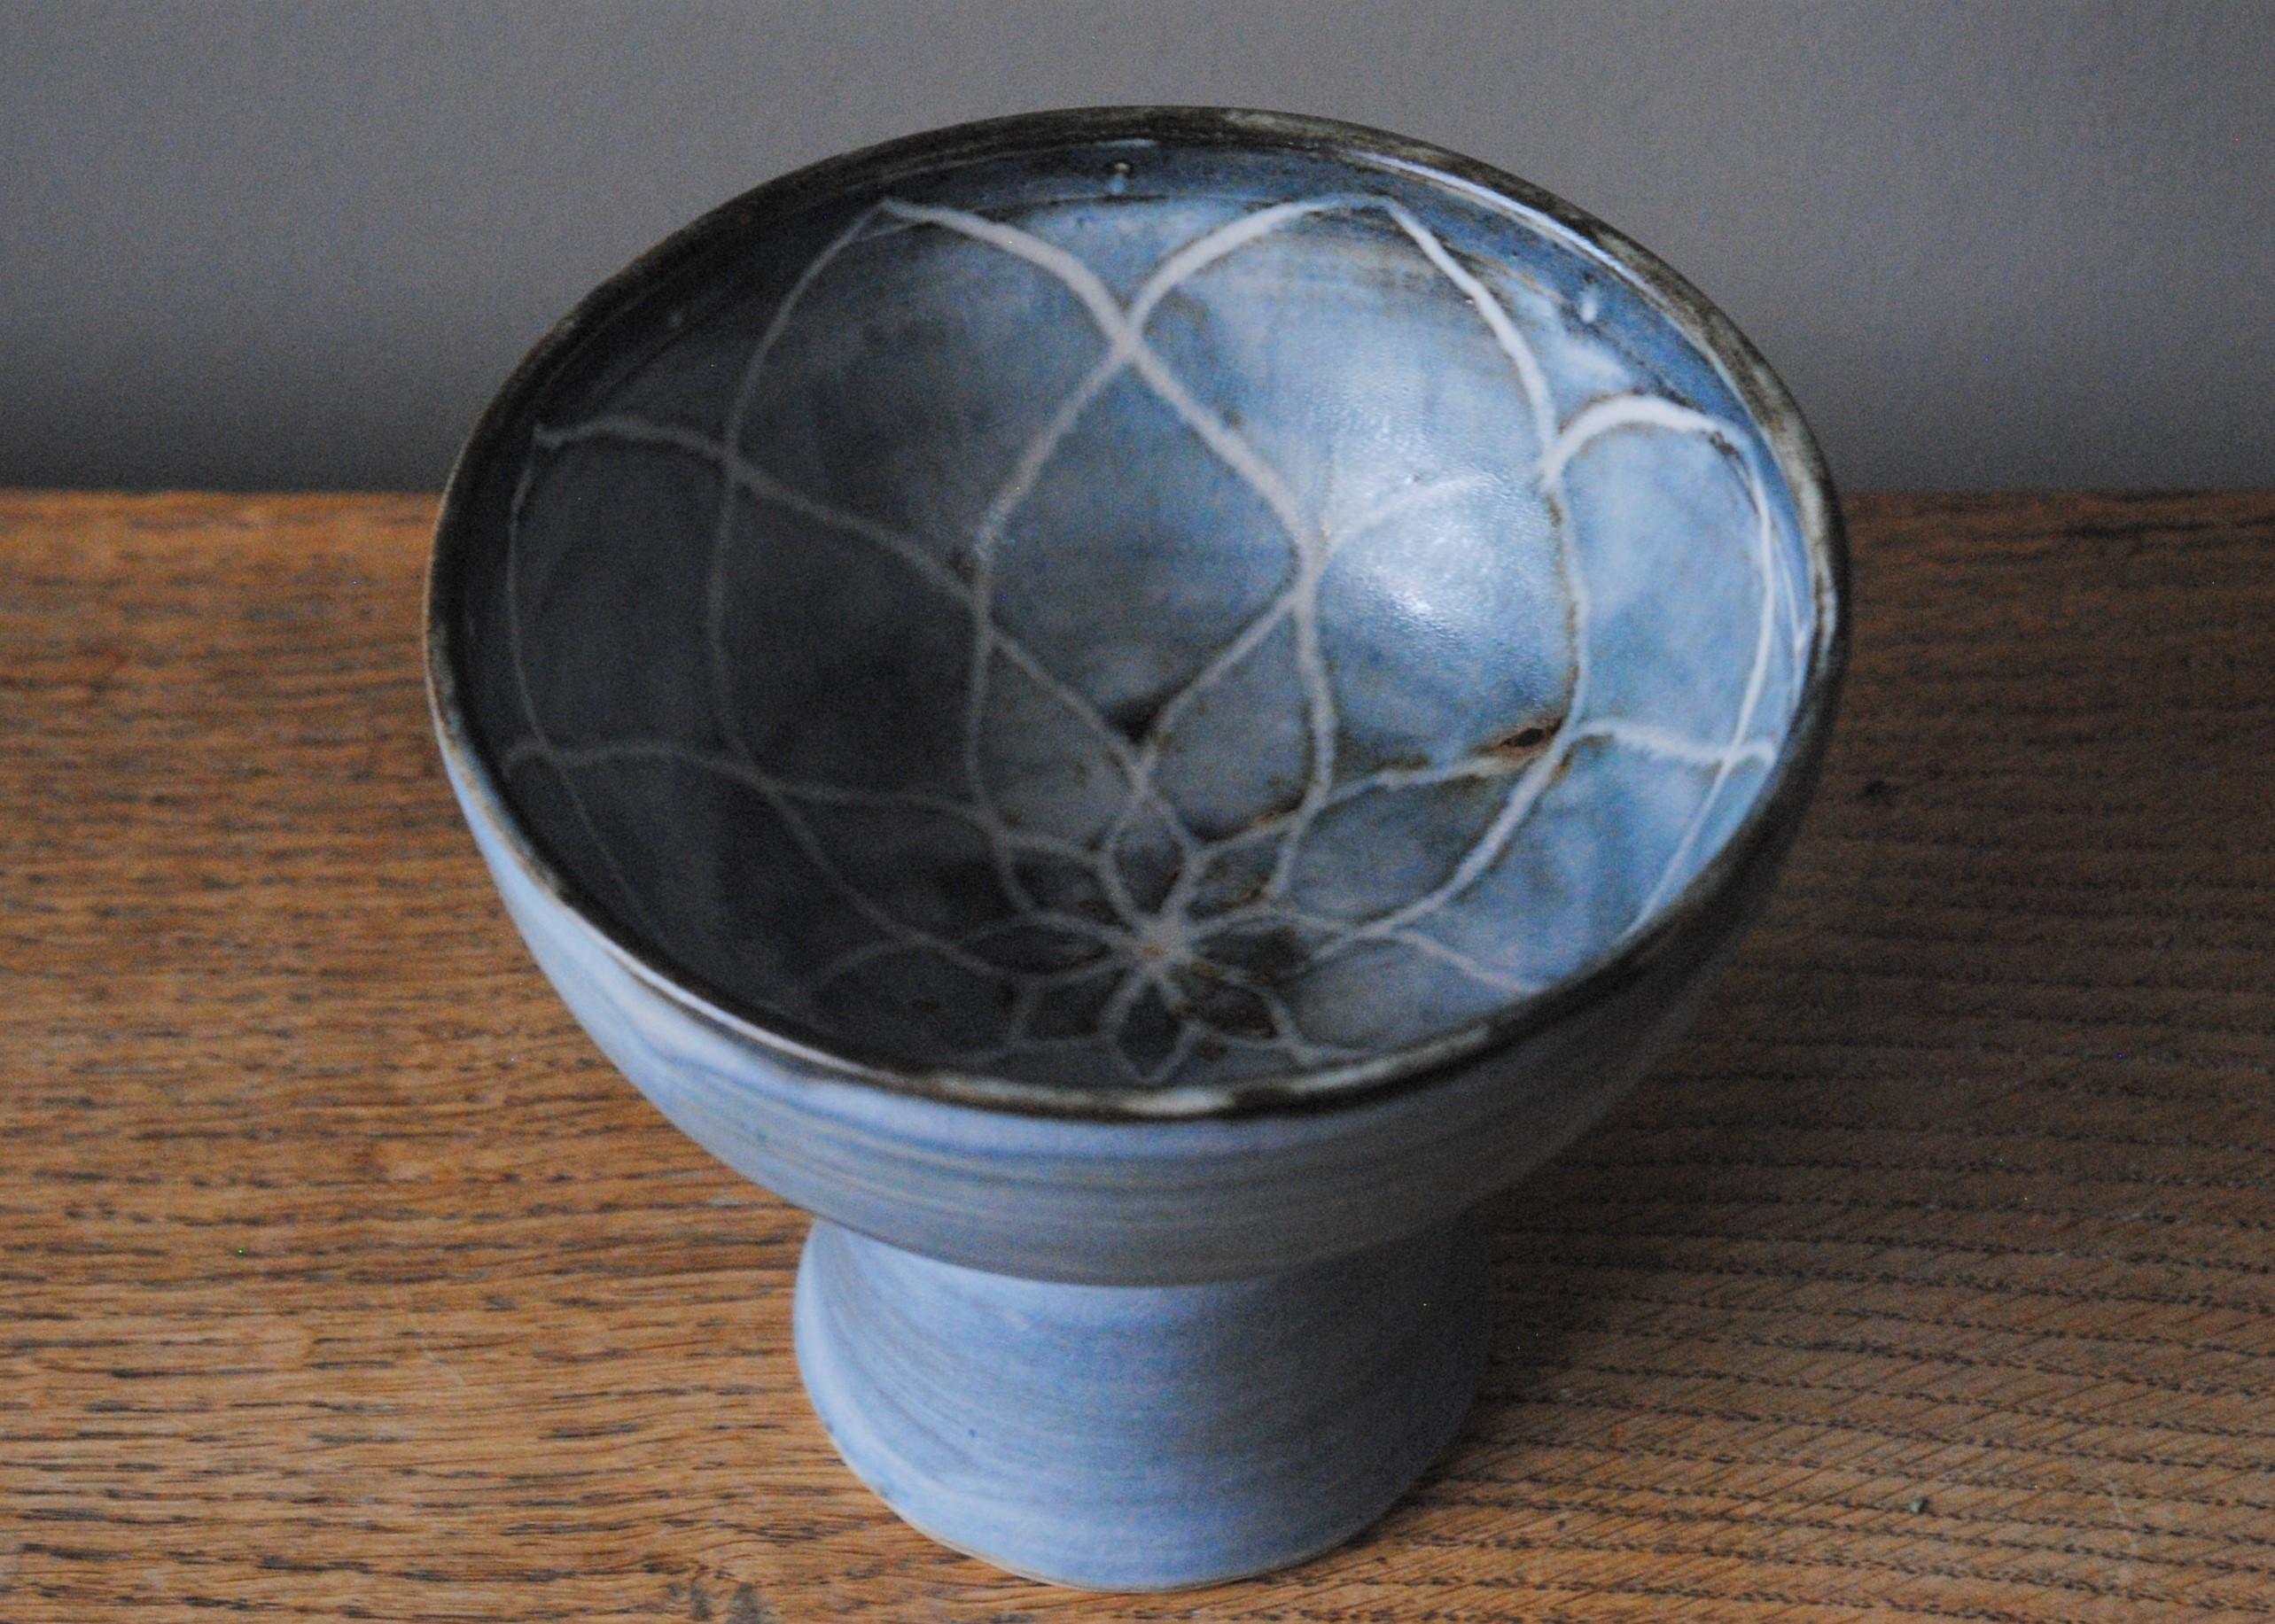 Lotus Pedestal Bowl - inside